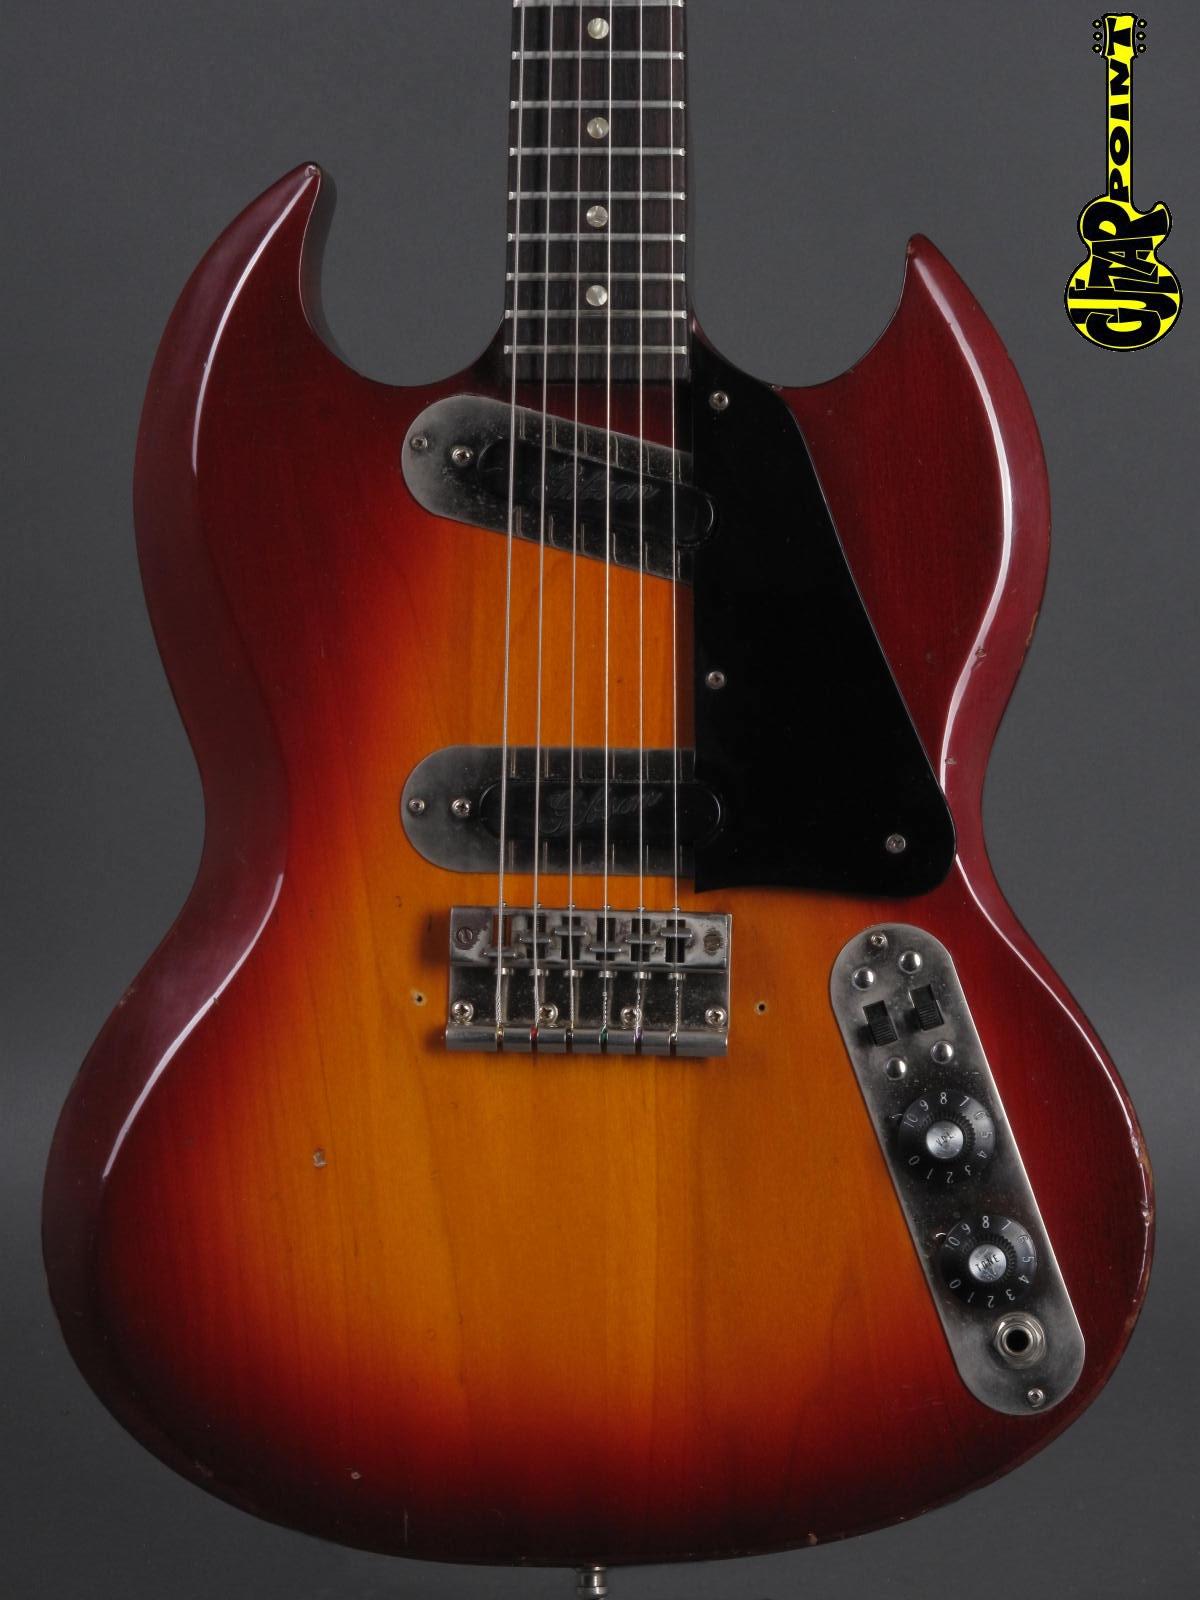 1971 Gibson SG-200 - Cherry Sunburst